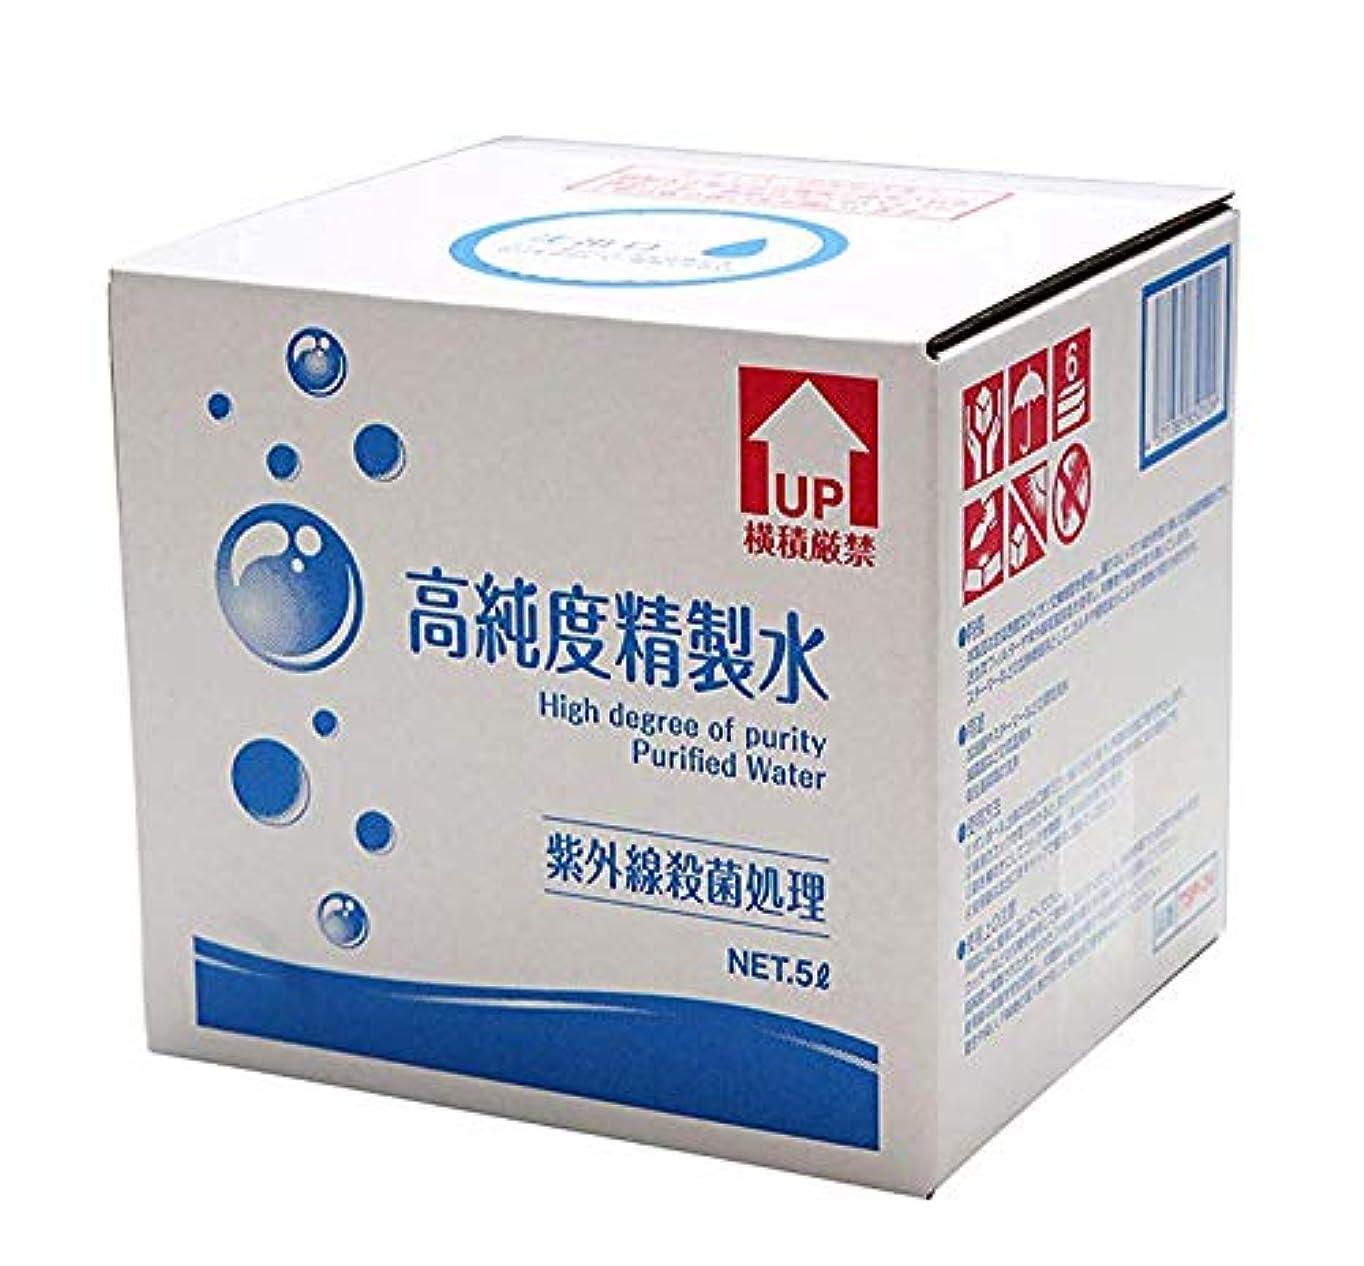 従事したアソシエイト暴徒サンエイ化学 高純度 精製水 [ 5L 1箱 : コック付き ] (加湿器/化粧用) 手作り化粧水 精製用 箱入り 完全密封 日本産 純水